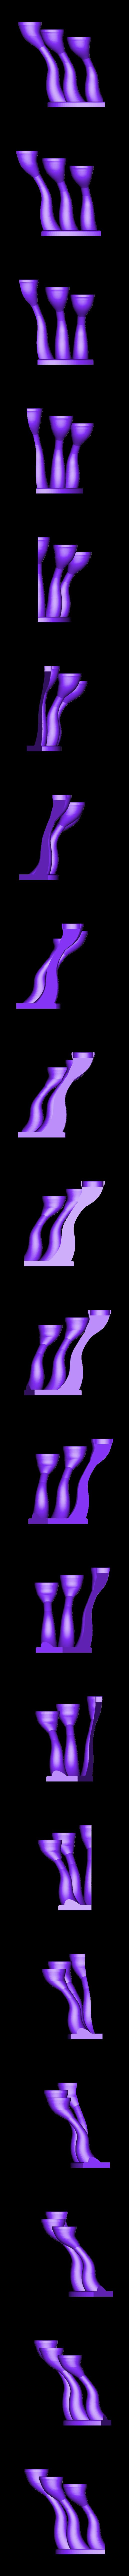 tealight_holder_v3_part_1.stl Télécharger fichier STL gratuit Porte-bougie à chauffe-plat • Design pour imprimante 3D, poblocki1982